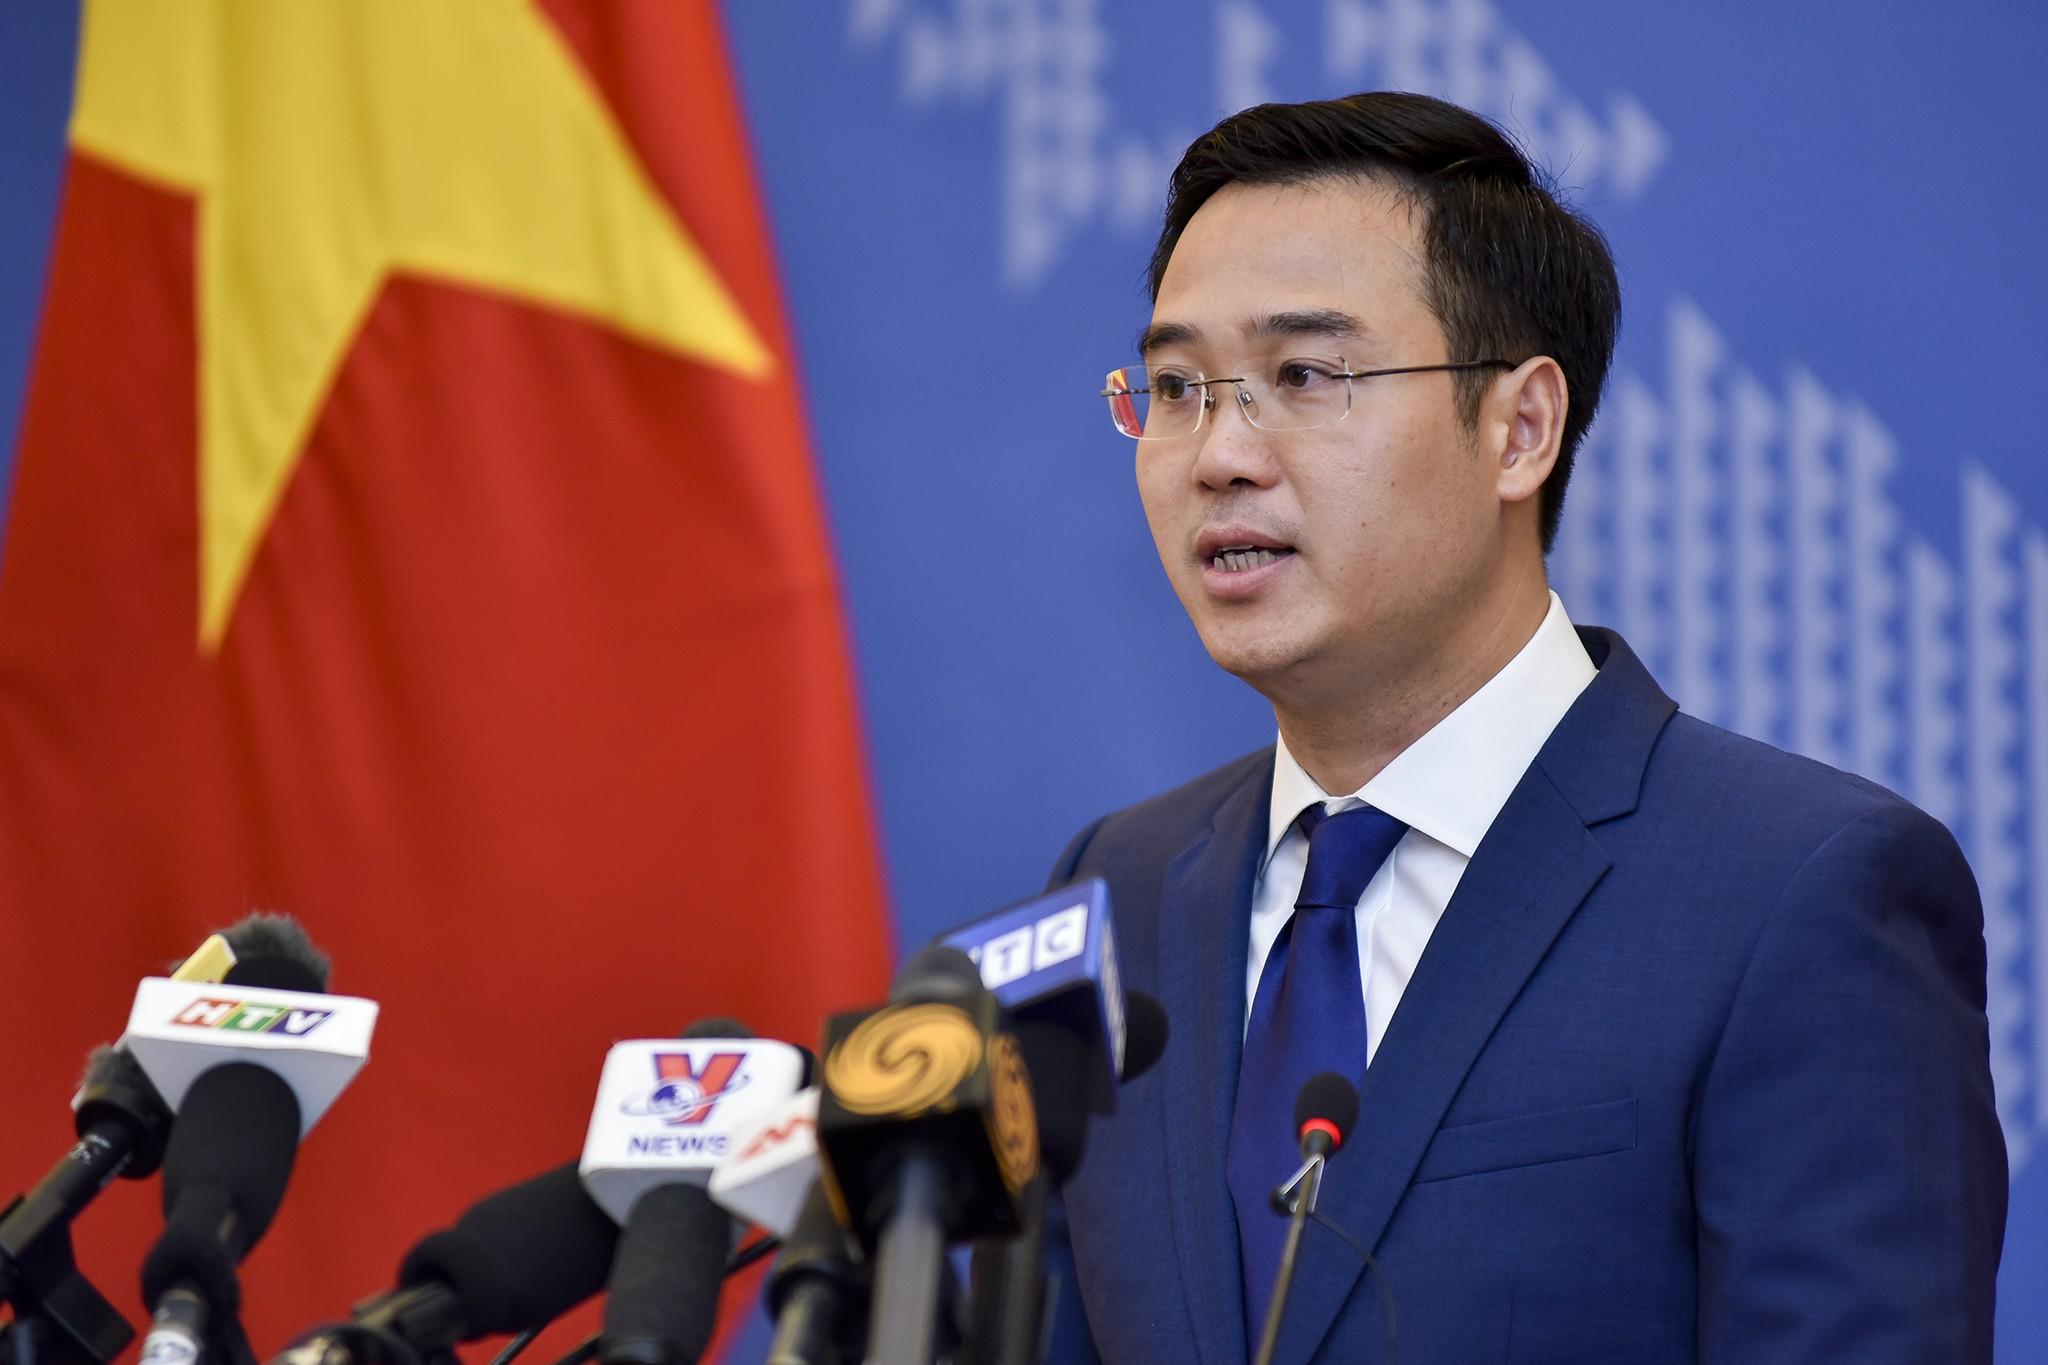 Bộ Ngoại giao lên tiếng vụ bản đồ Facebook vi phạm chủ quyền Việt Nam - Ảnh 1